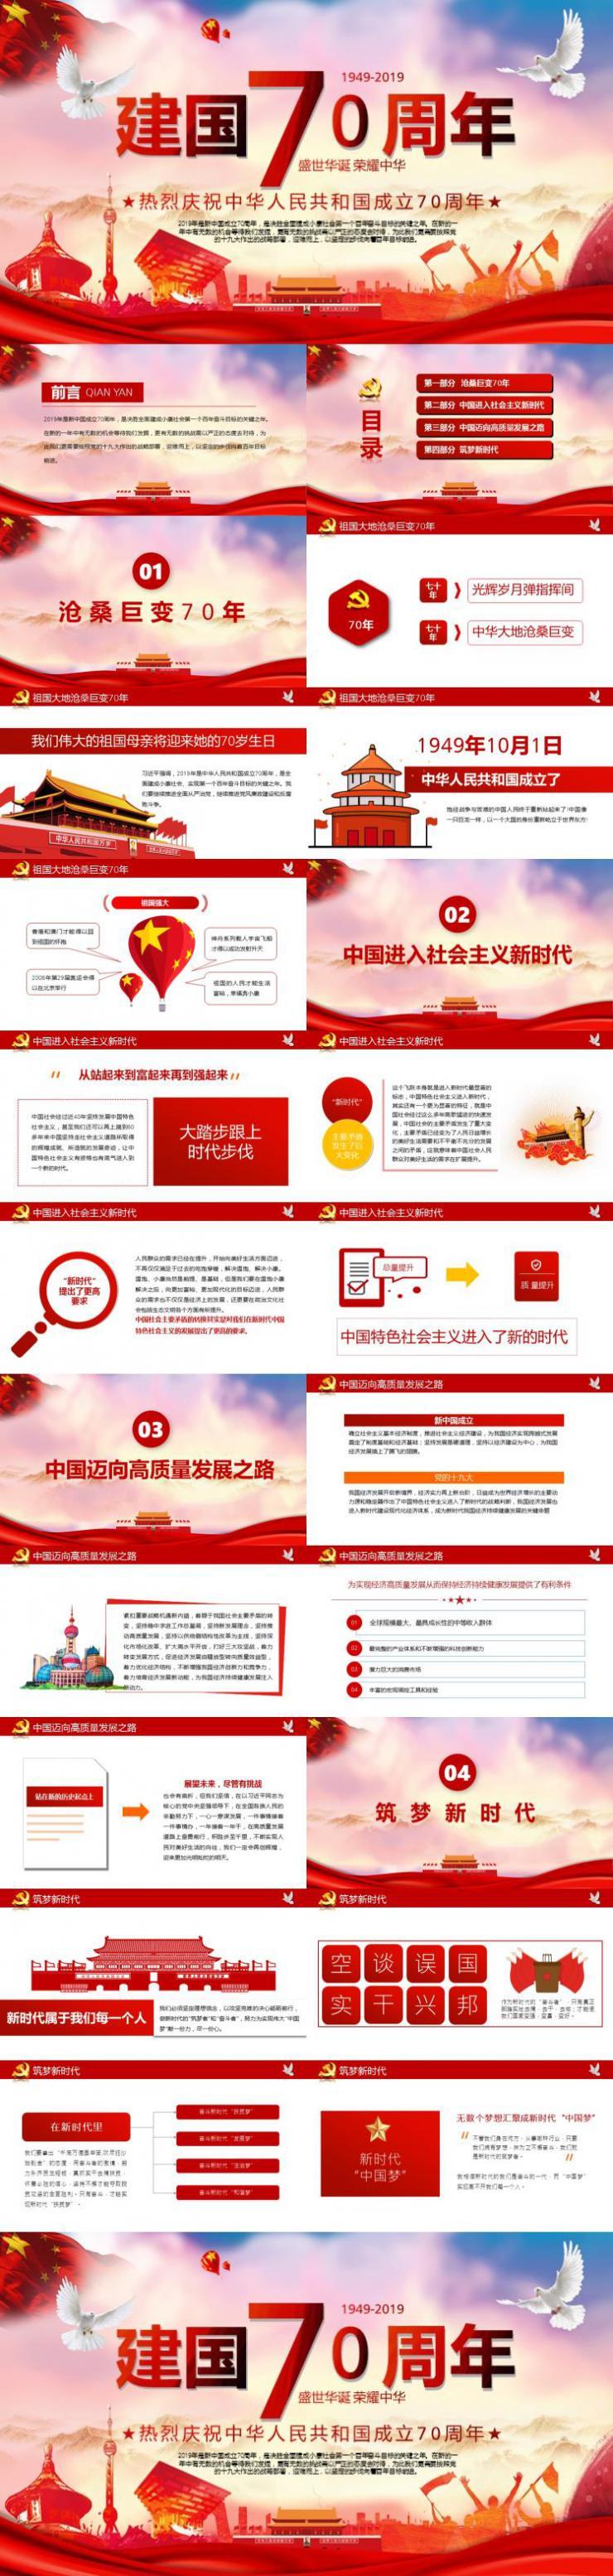 庆祝中华人民共和国建国70华诞PPT模板